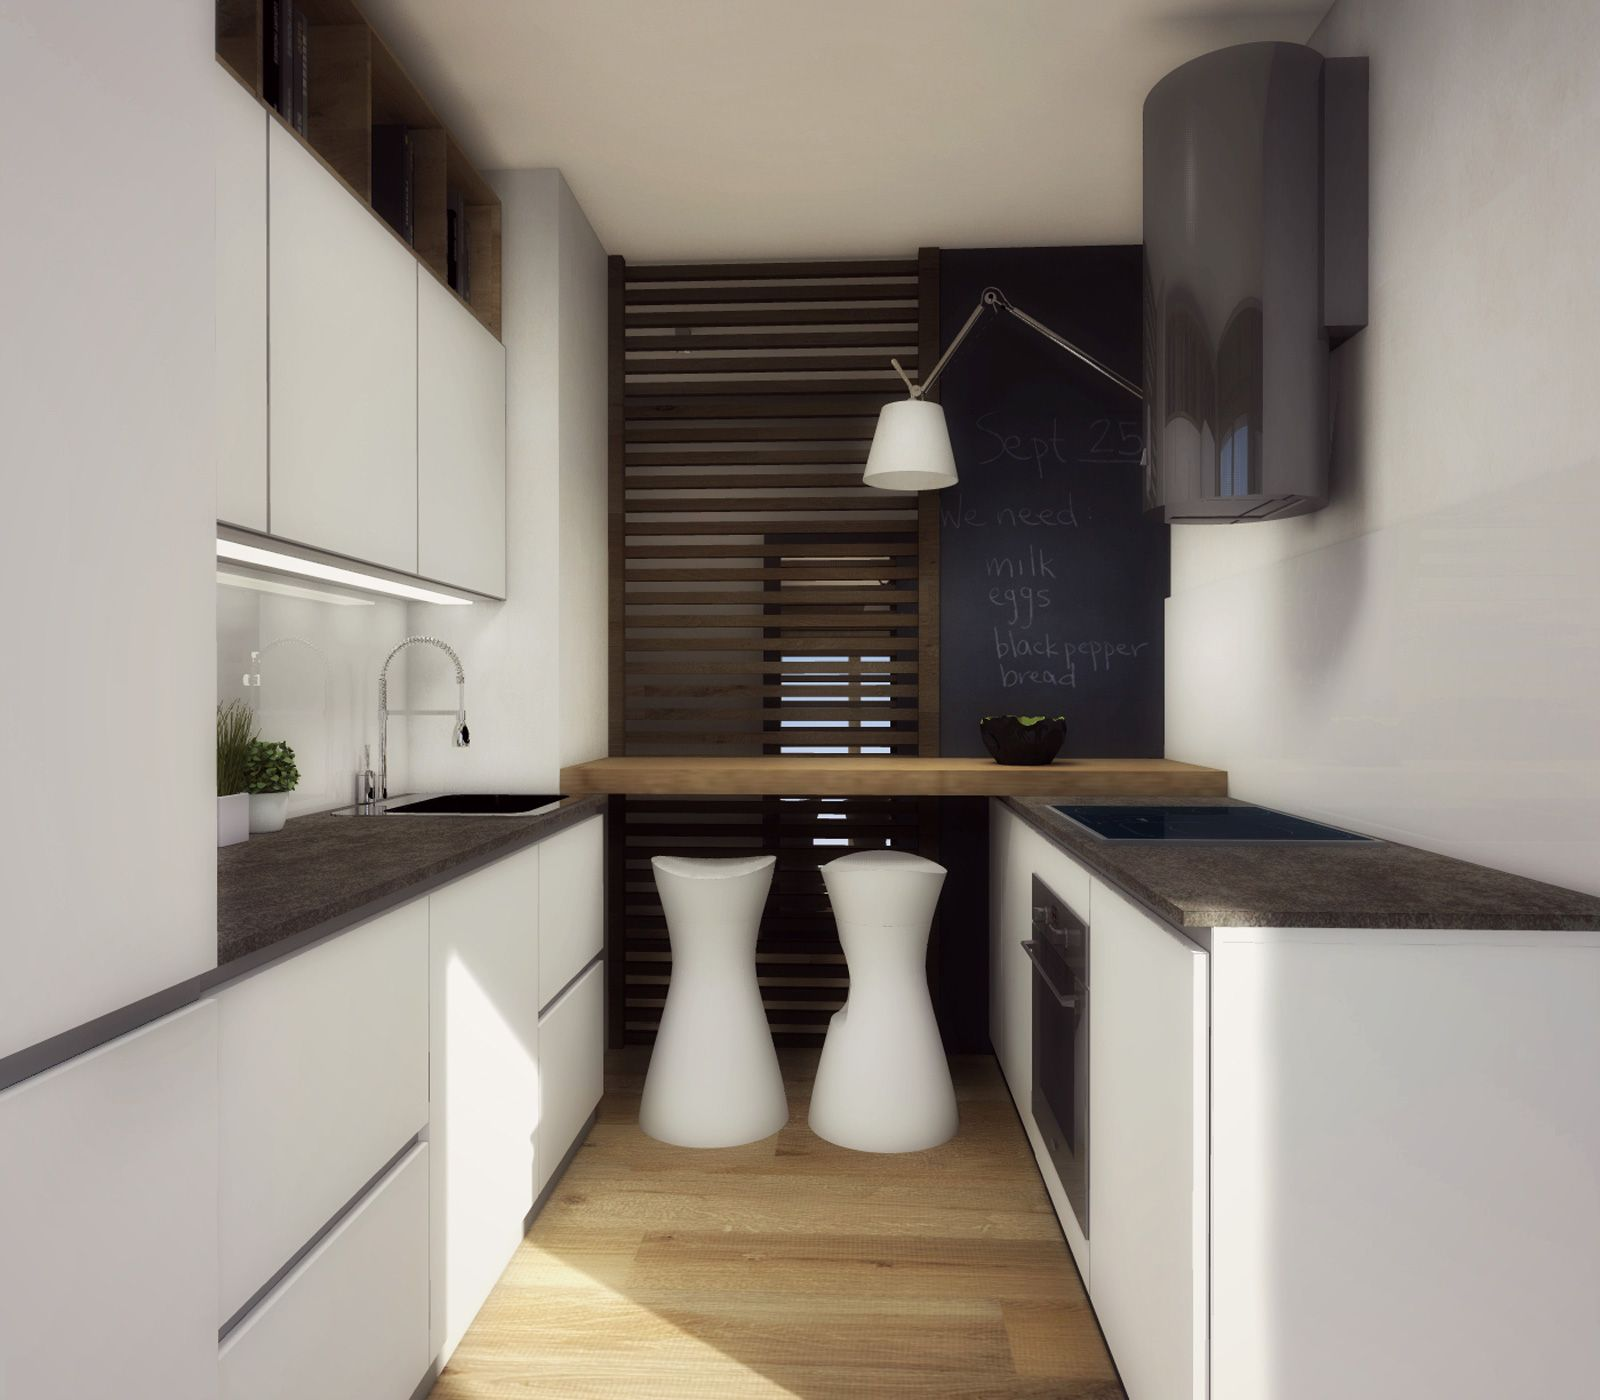 Arredamento cucine piccole un progetto per meno di 6 mq